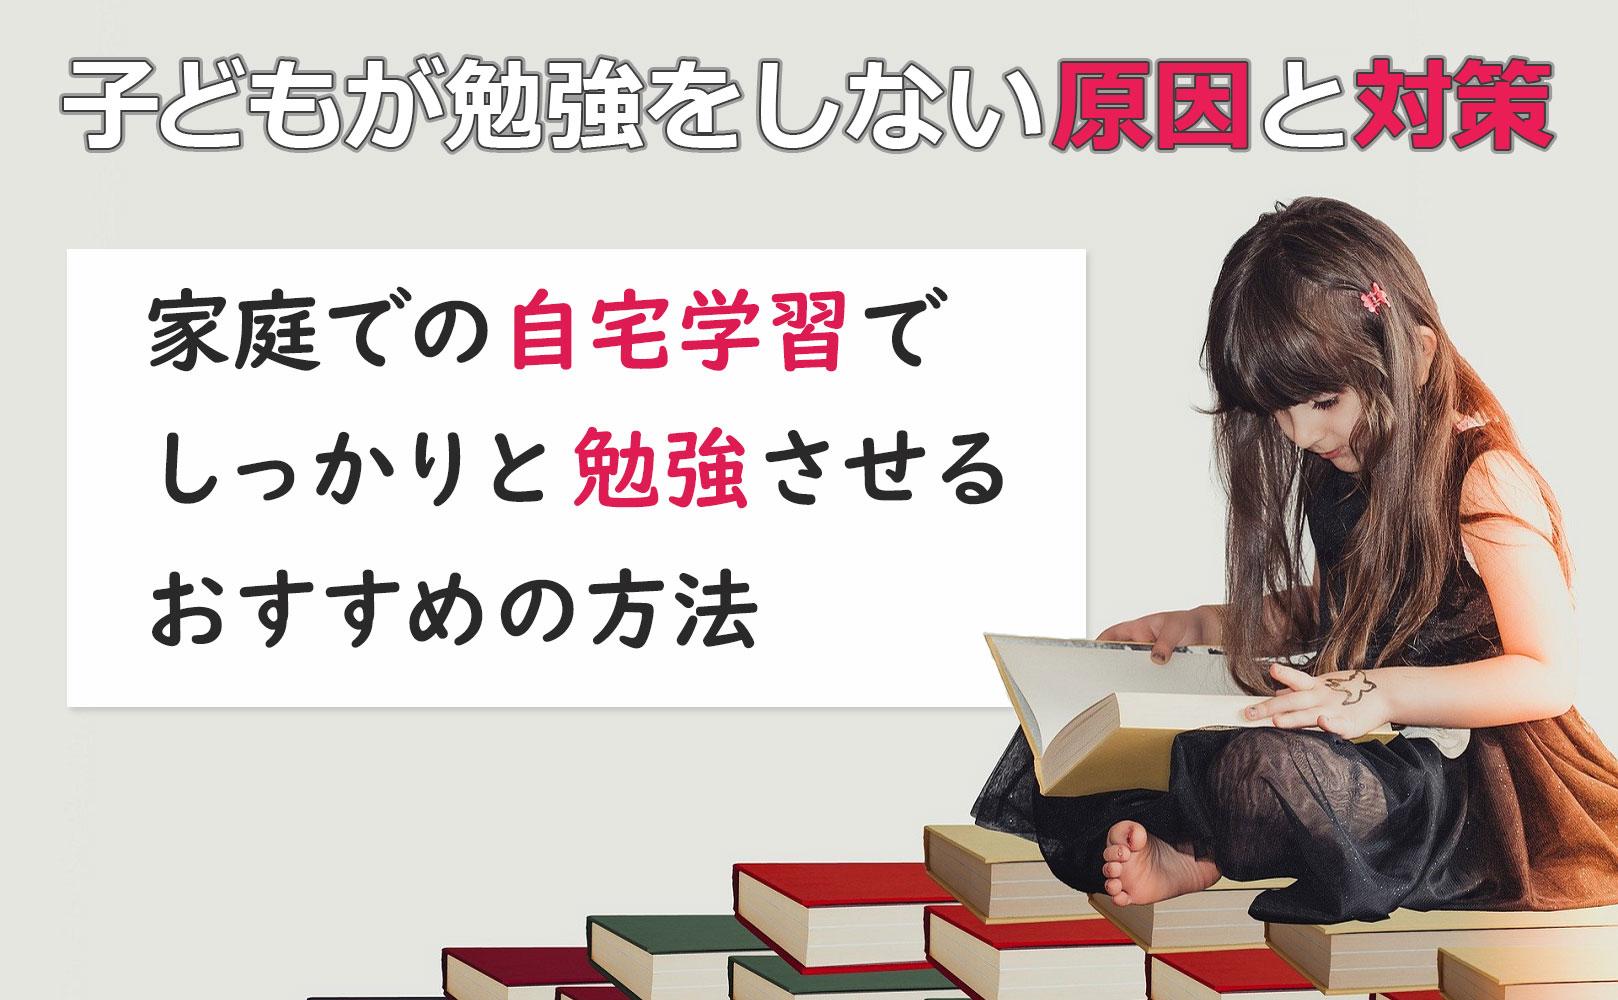 子どもが勉強をしない原因と対策。自宅学習でしっかりと勉強させる方法記事のサムネイル画像